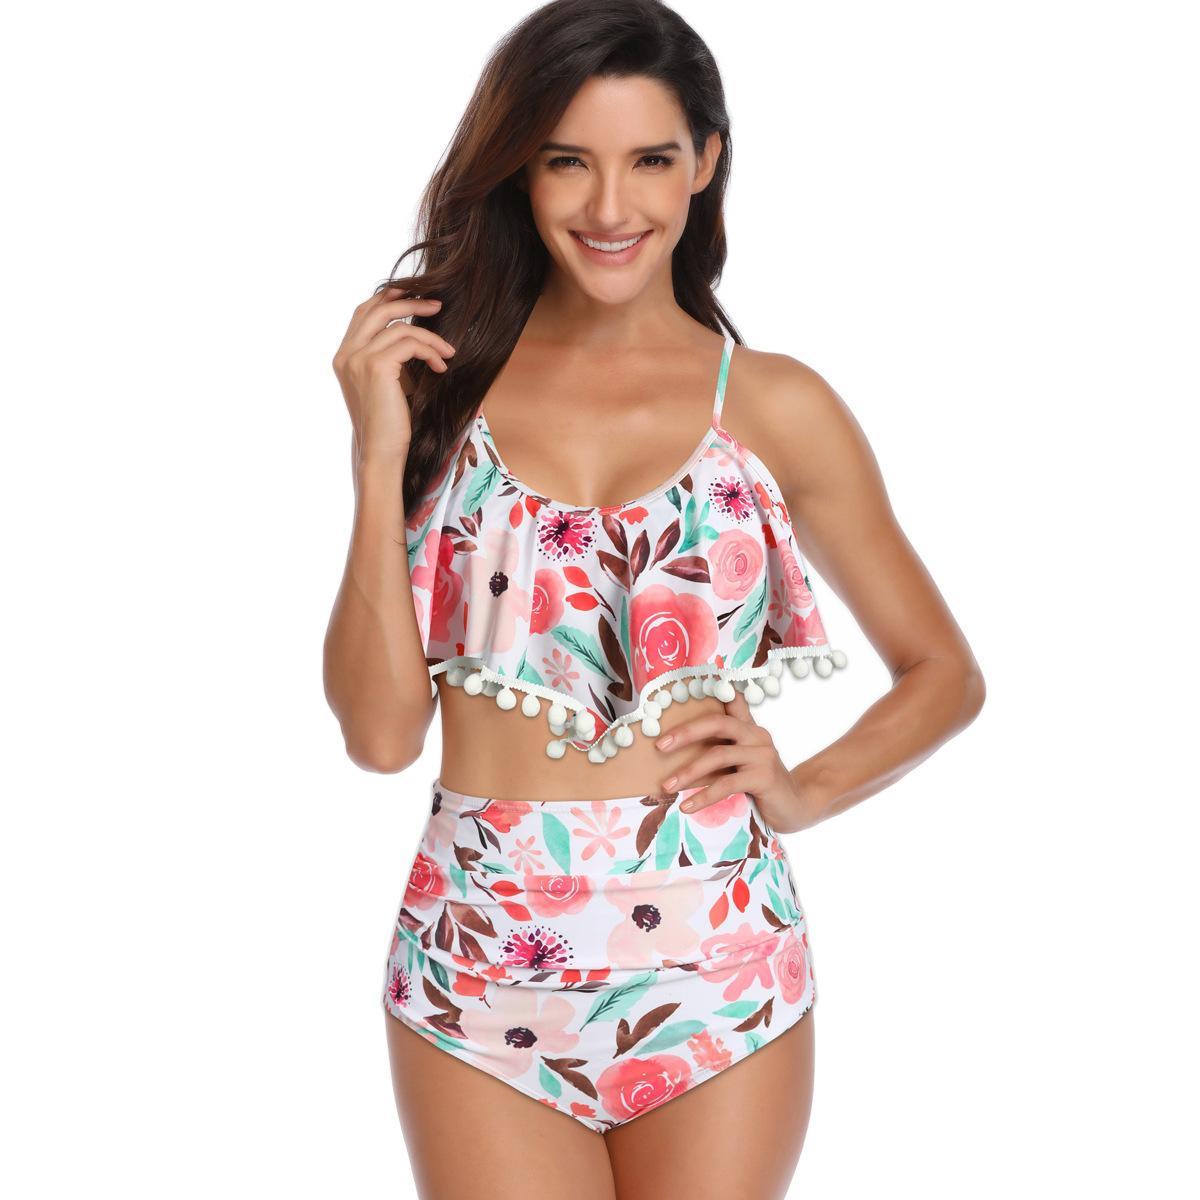 Trajes de baño Trajes de dos piezas Conjunto de bikini Traje de baño para mujeres Ropa de playa Ropa Ropa de alambre de verano gratis con ropa de baño LFHO